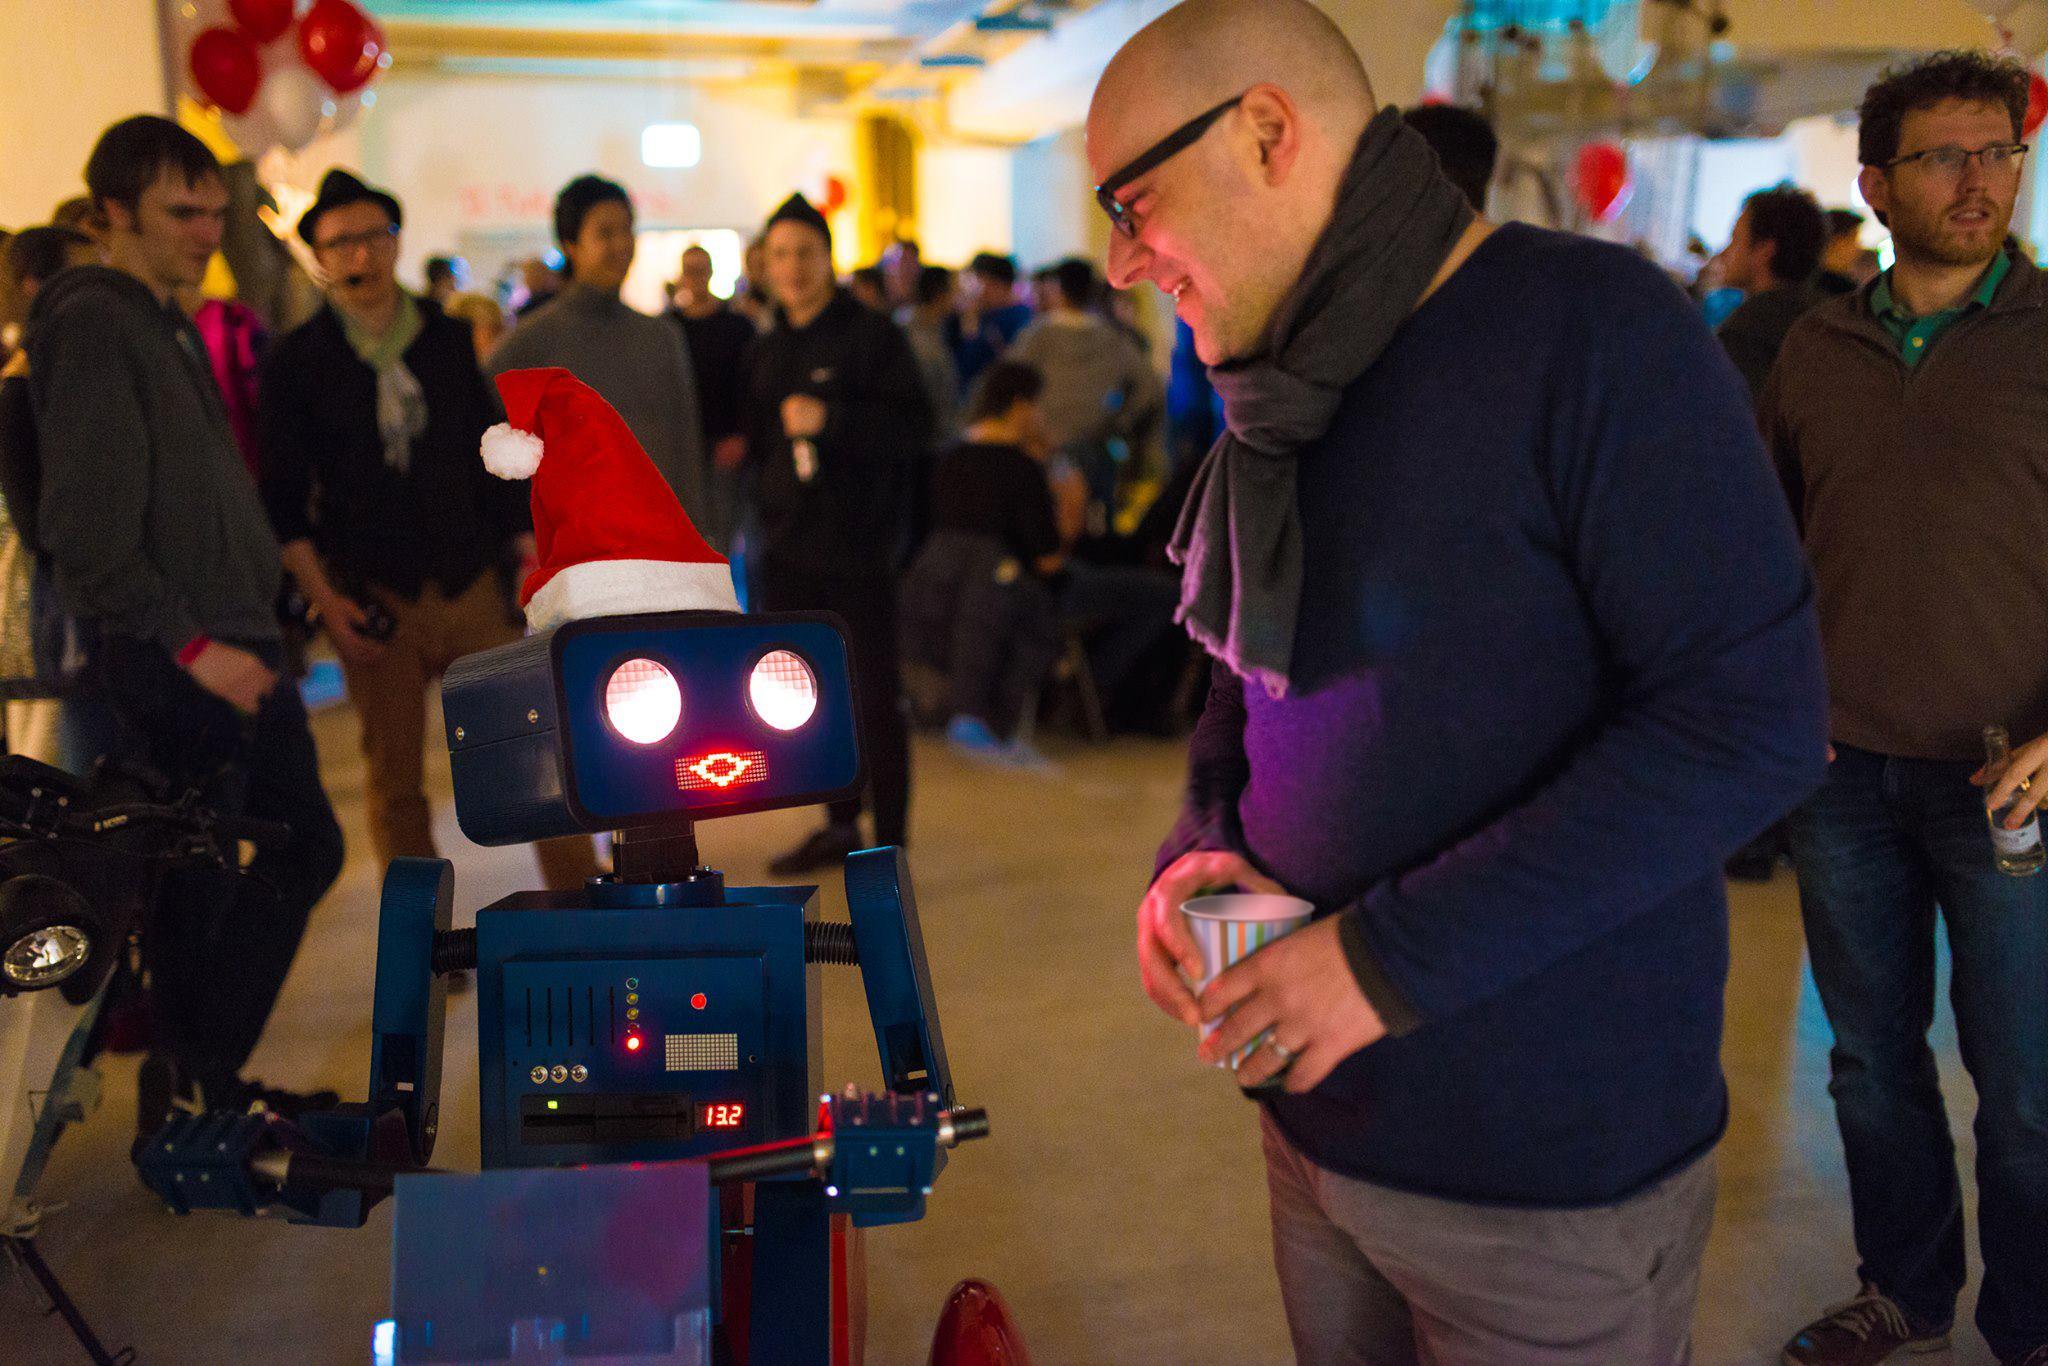 2015 12 10 Hugo Twillio Winterparty Weihnachtsmann Mütze kaffeebecher